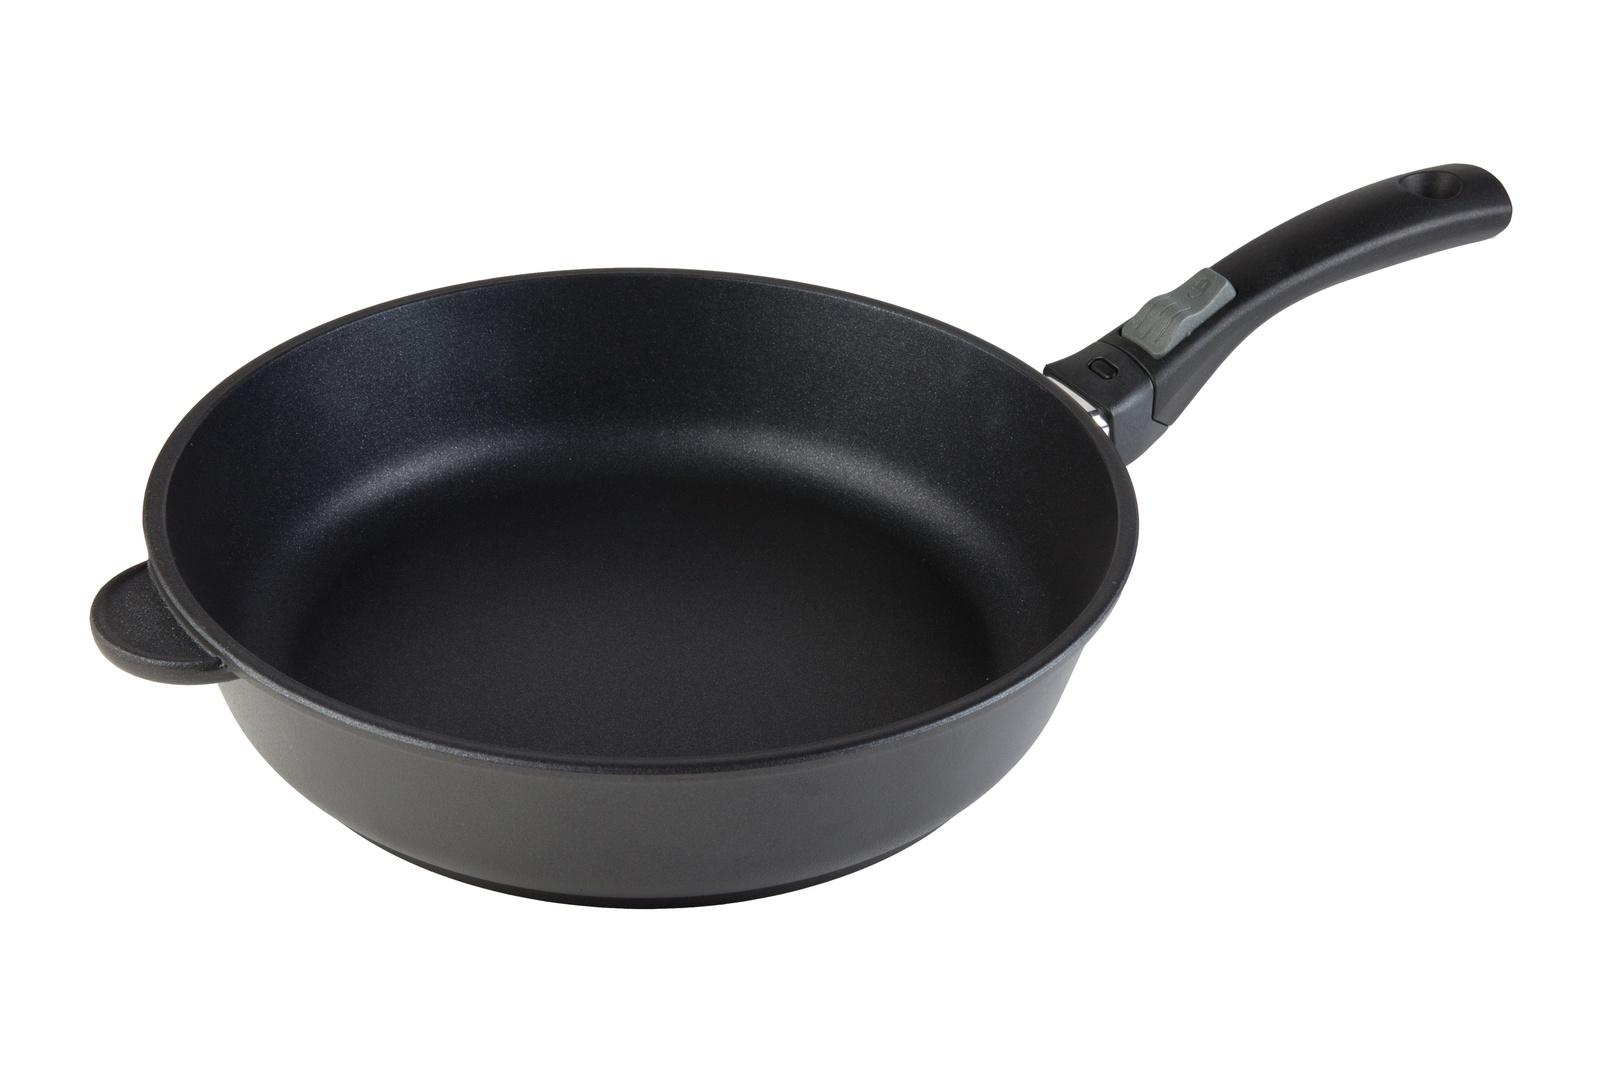 Литая толстостенная сковорода VIKTORIA Мечта 28 см. со съ/ручкой